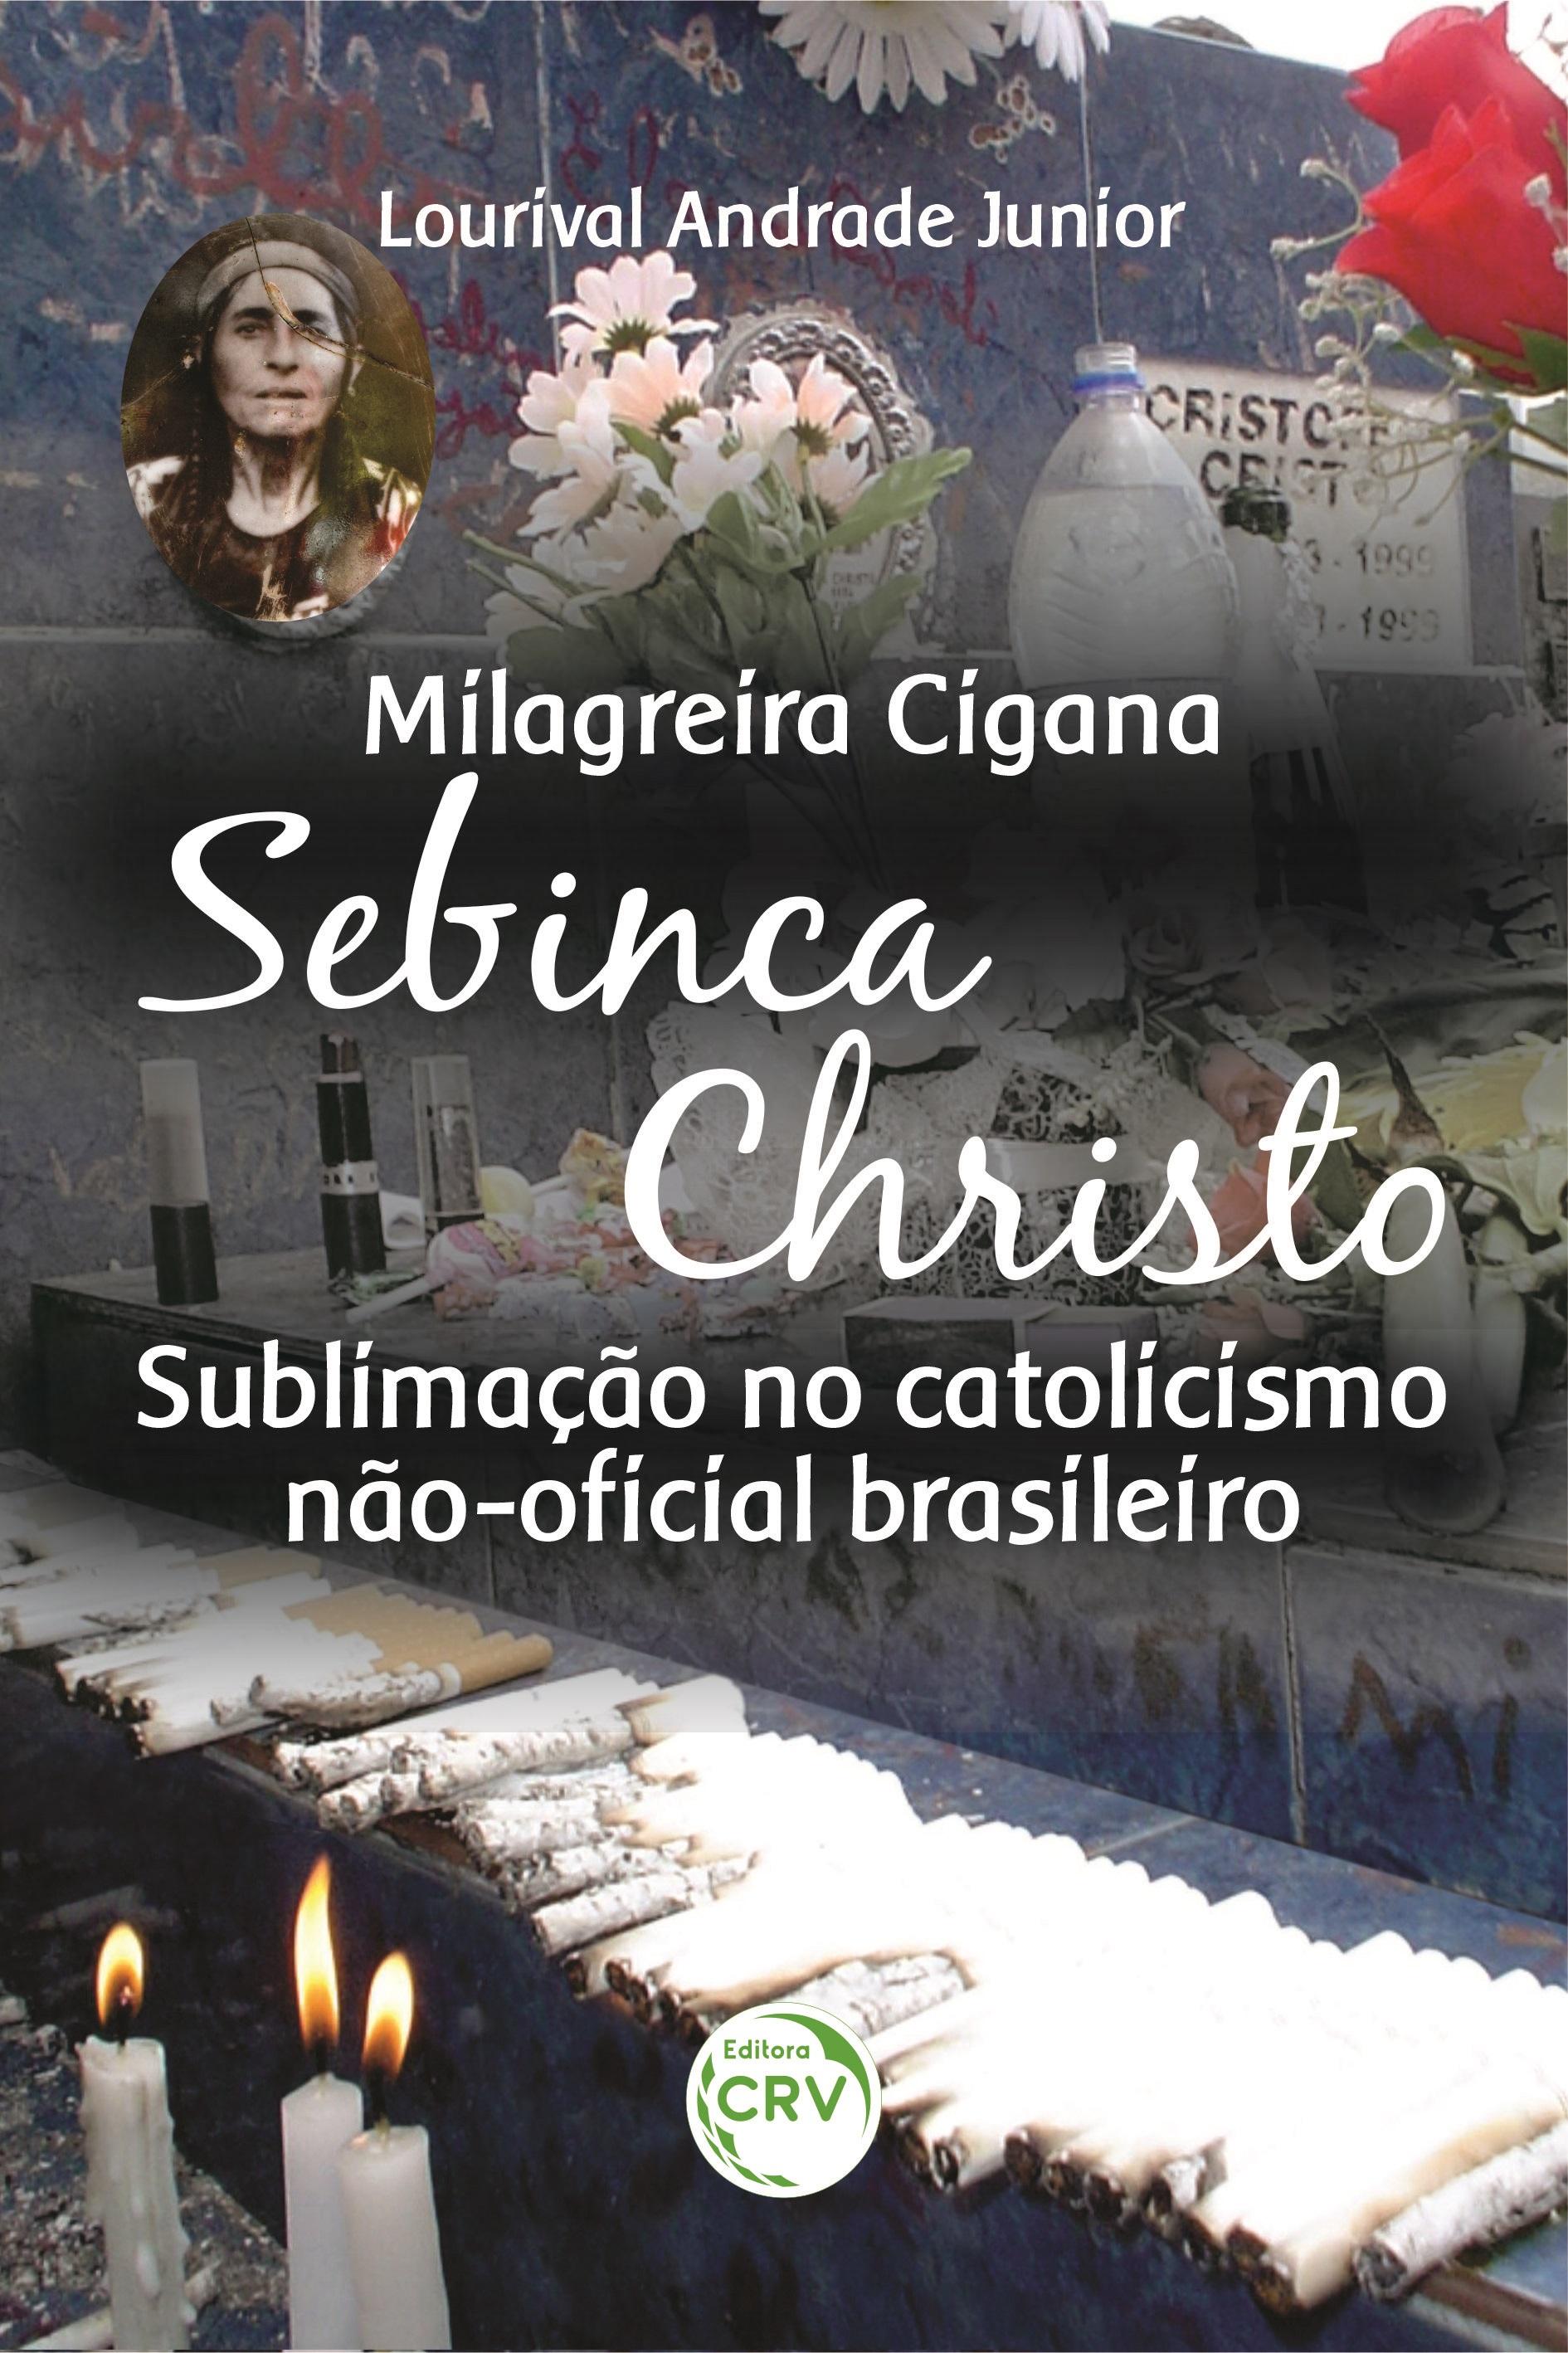 Capa do livro: MILAGREIRA CIGANA SEBINCA CHRISTO:<br> Sublimação no catolicismo não-oficial brasileiro